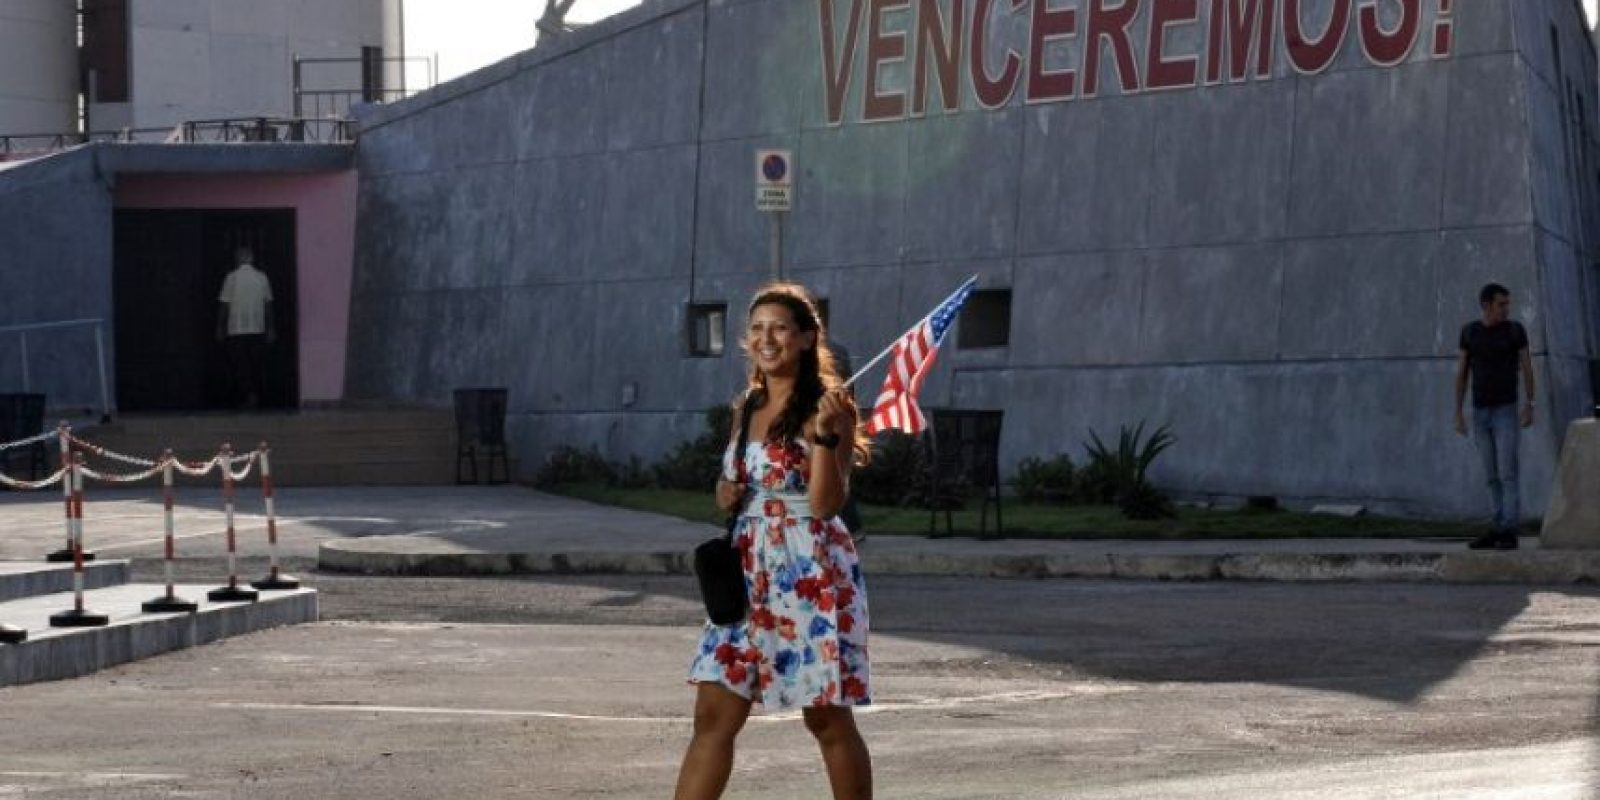 En 1977, durante el mandato del presidente Carter, los gobiernos de los Estados Unidos y Cuba firmaron un acuerdo estableciendo la apertura de la Sección de Intereses de los Estados Unidos (USINT) en La Habana y de la Sección de Intereses de Cuba en Washington DC. Foto:AFP